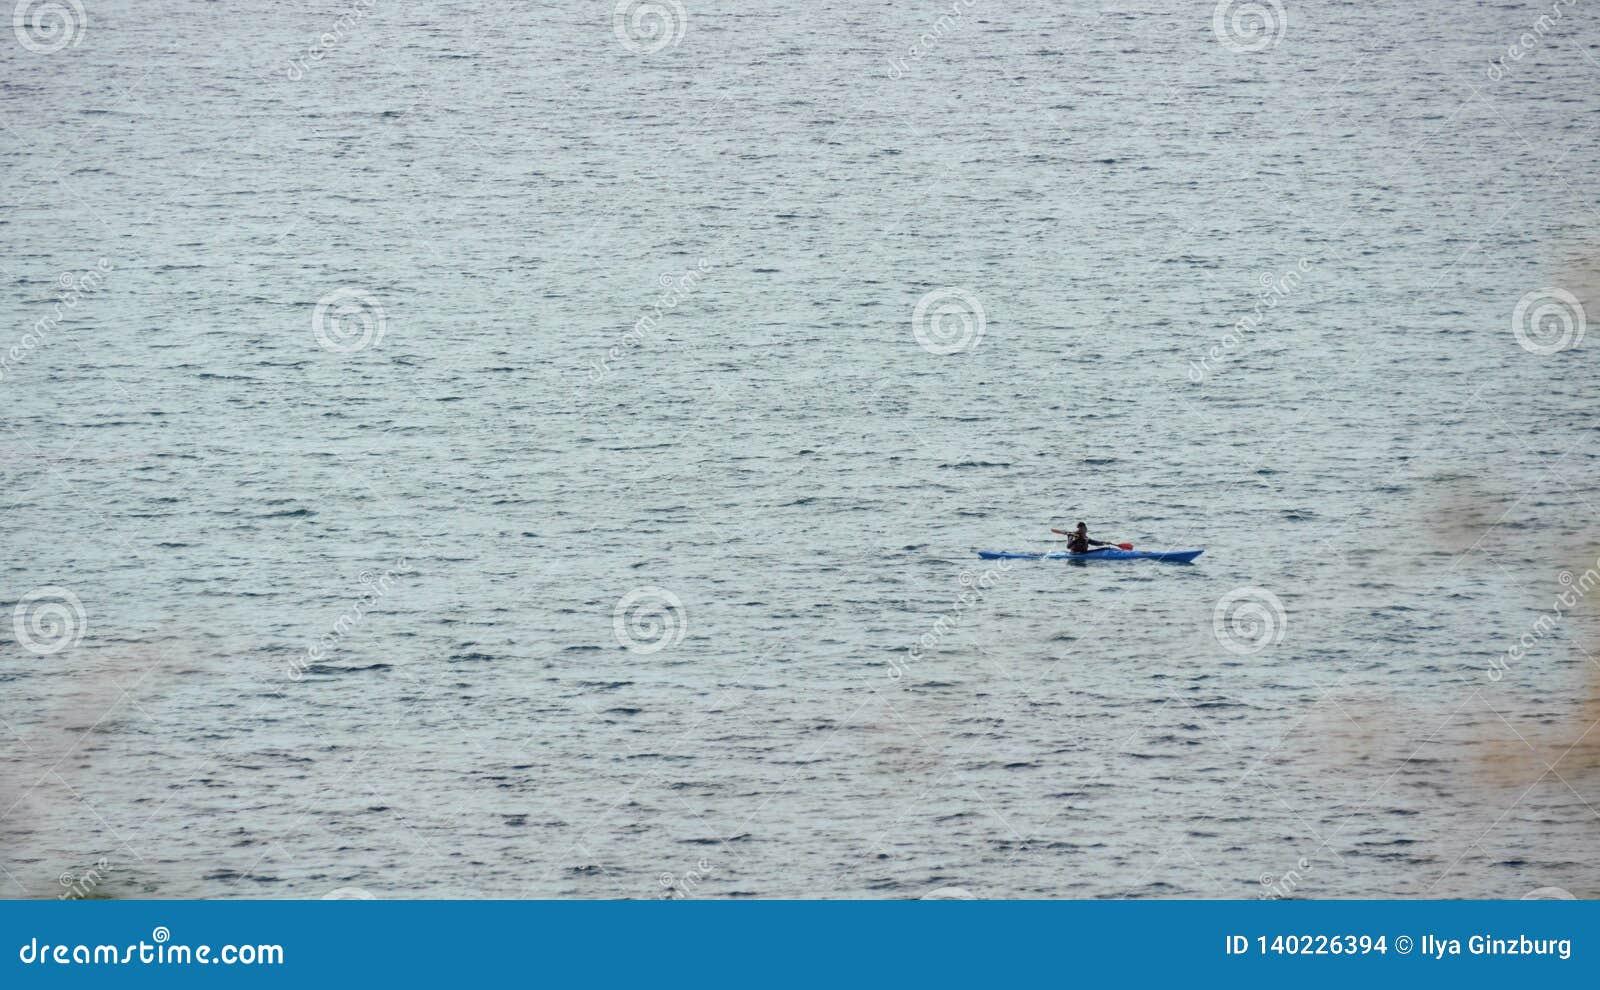 Uomo in barca di fila al mare aperto